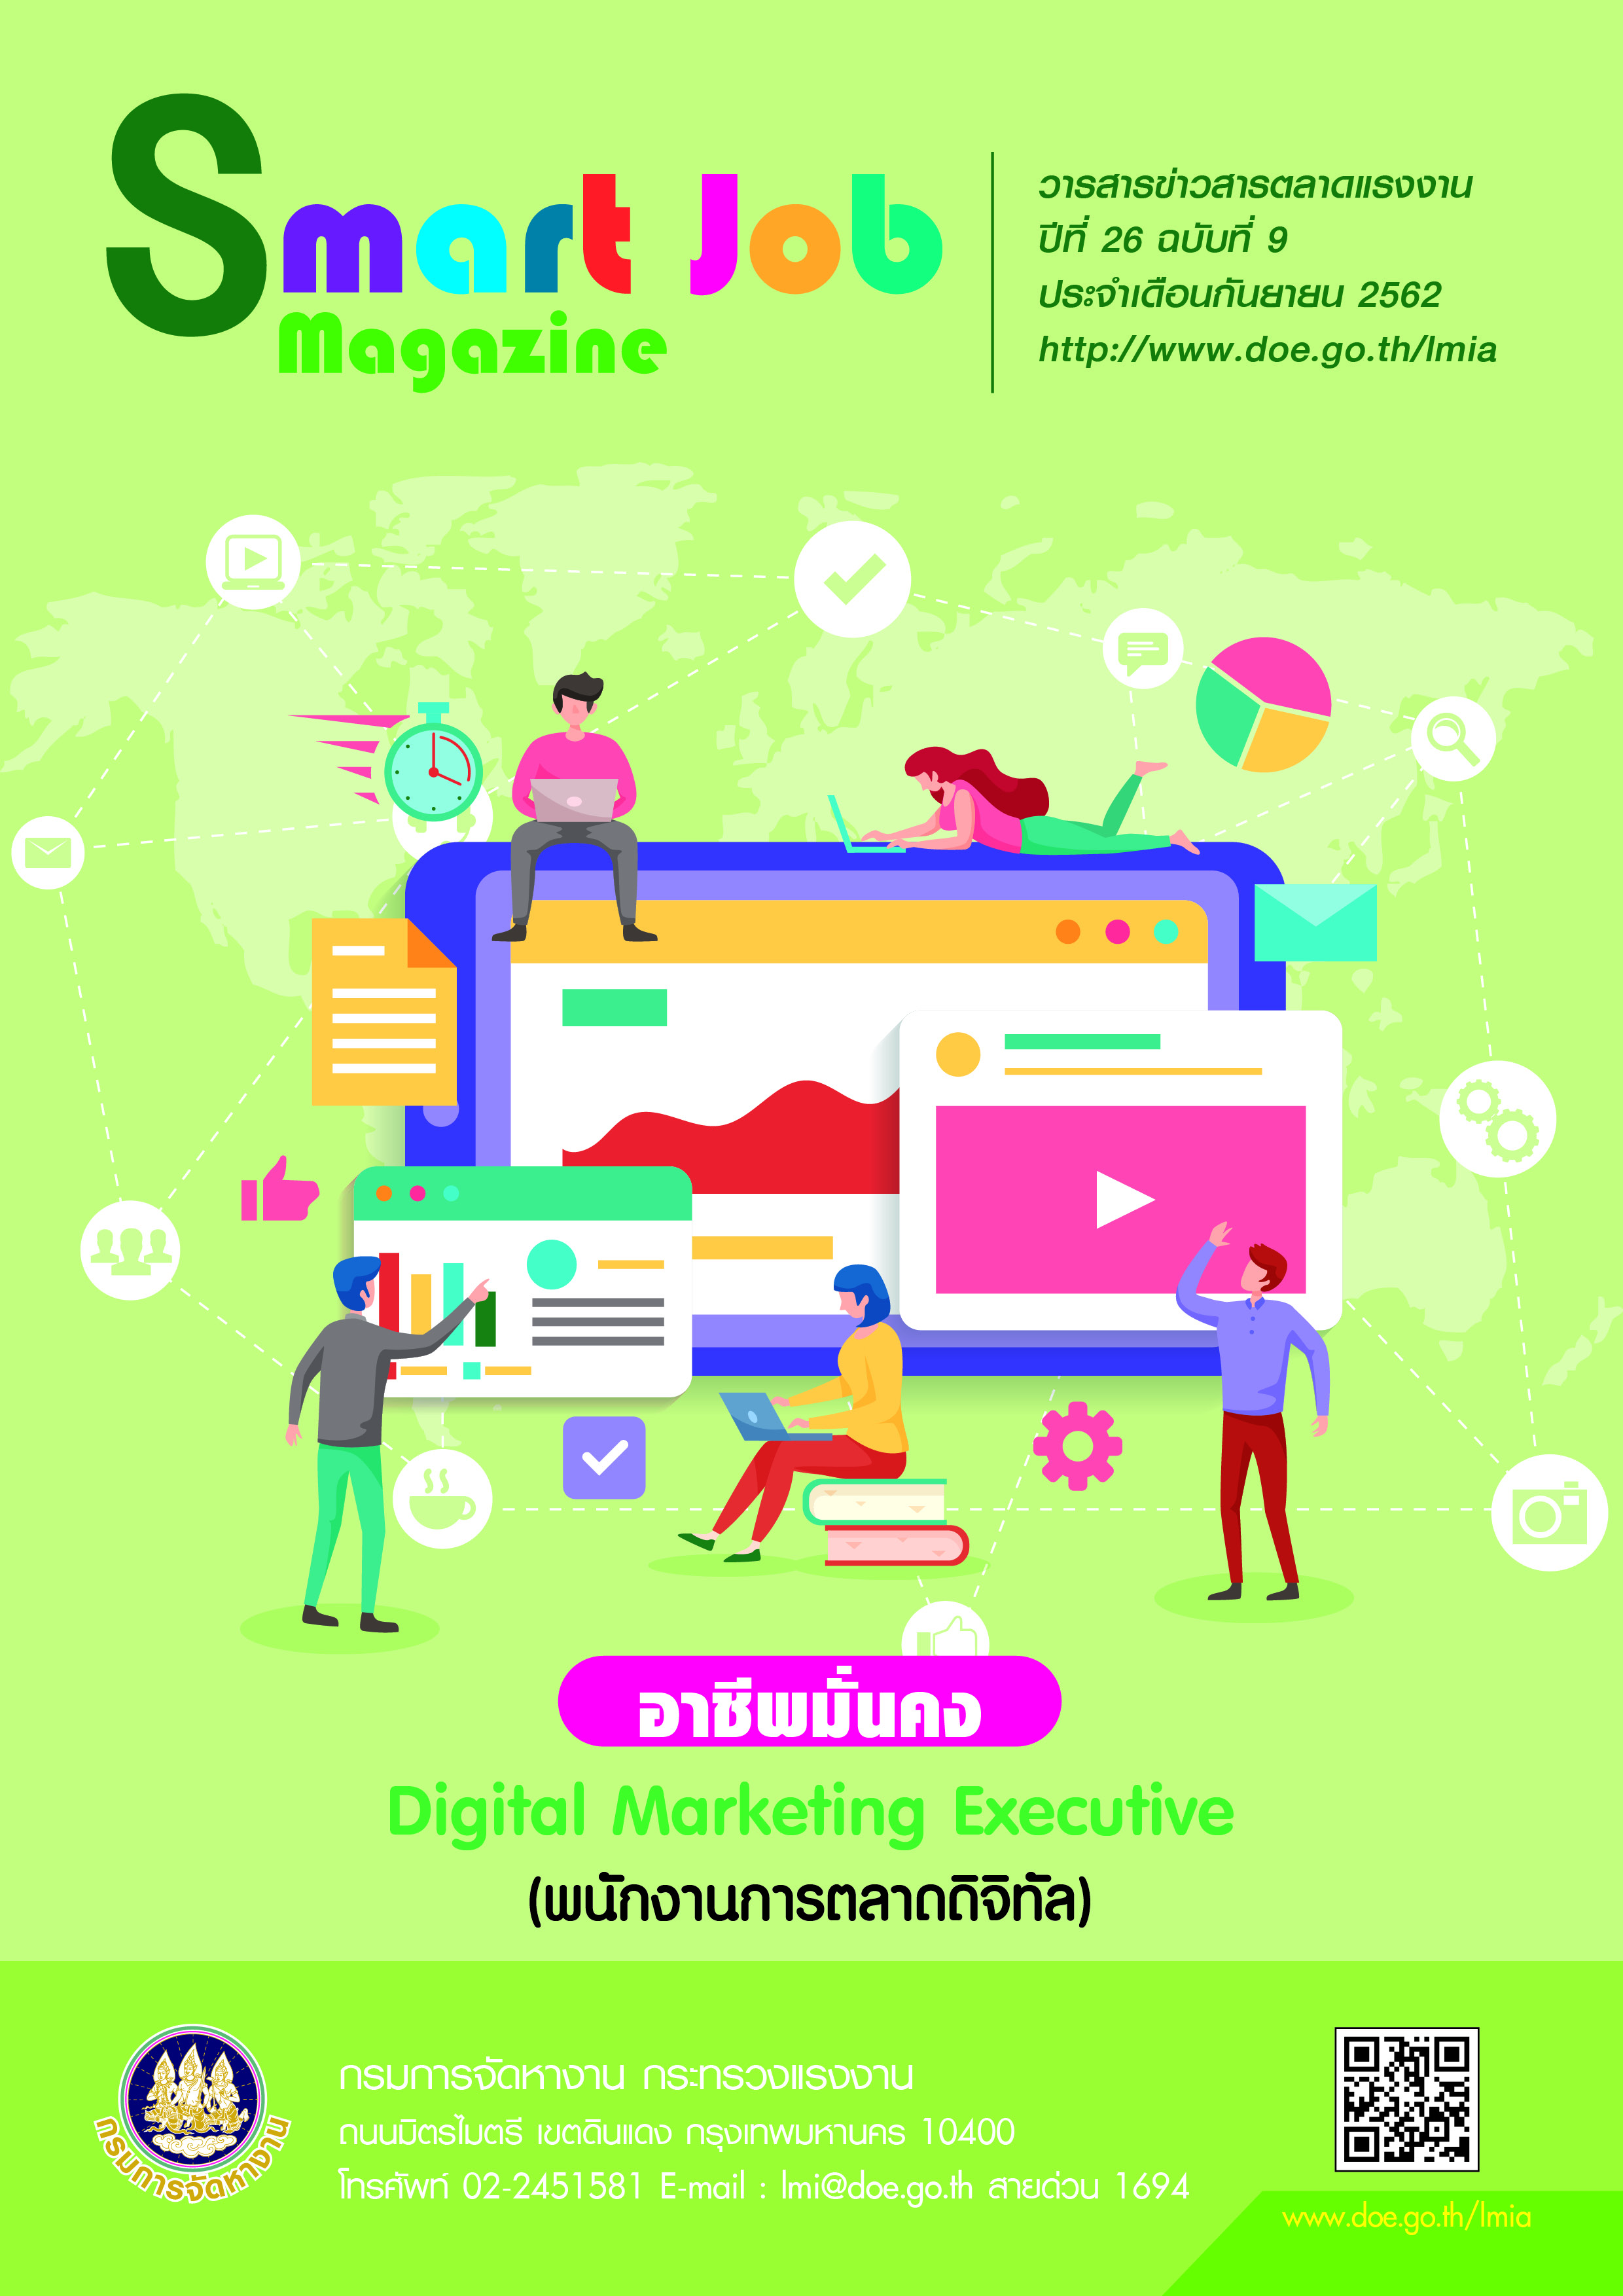 ปกวารสารข่าวสารตลาดแรงงาน Smart Job Magazine ประจำเดือนกันยายน 2562